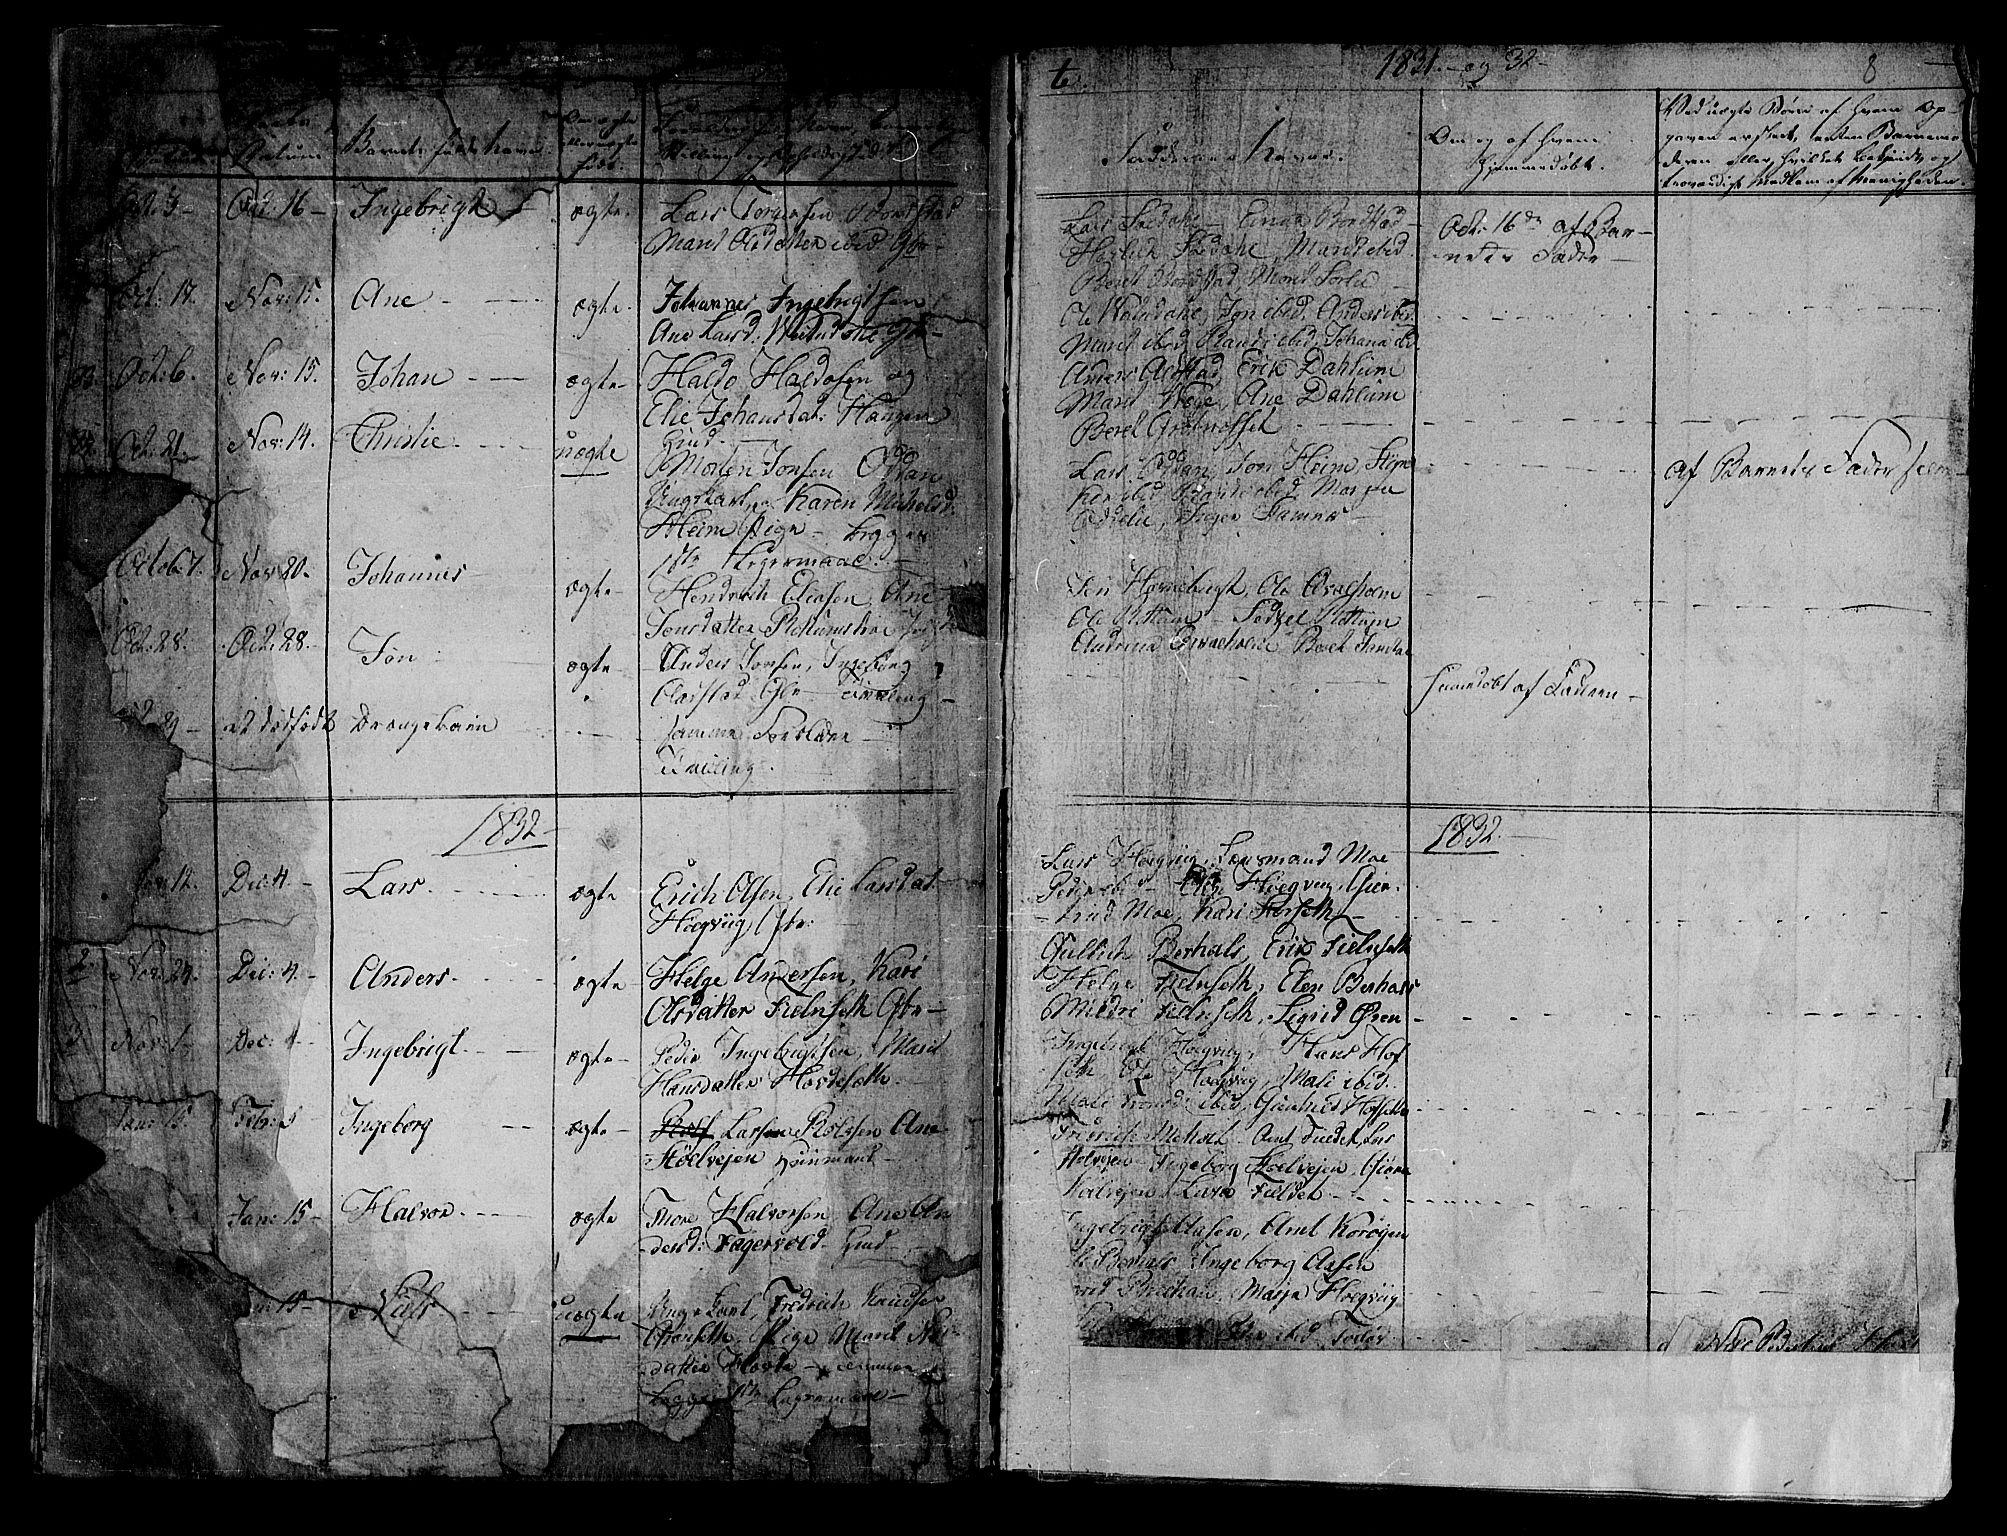 SAT, Ministerialprotokoller, klokkerbøker og fødselsregistre - Sør-Trøndelag, 630/L0492: Ministerialbok nr. 630A05, 1830-1840, s. 8